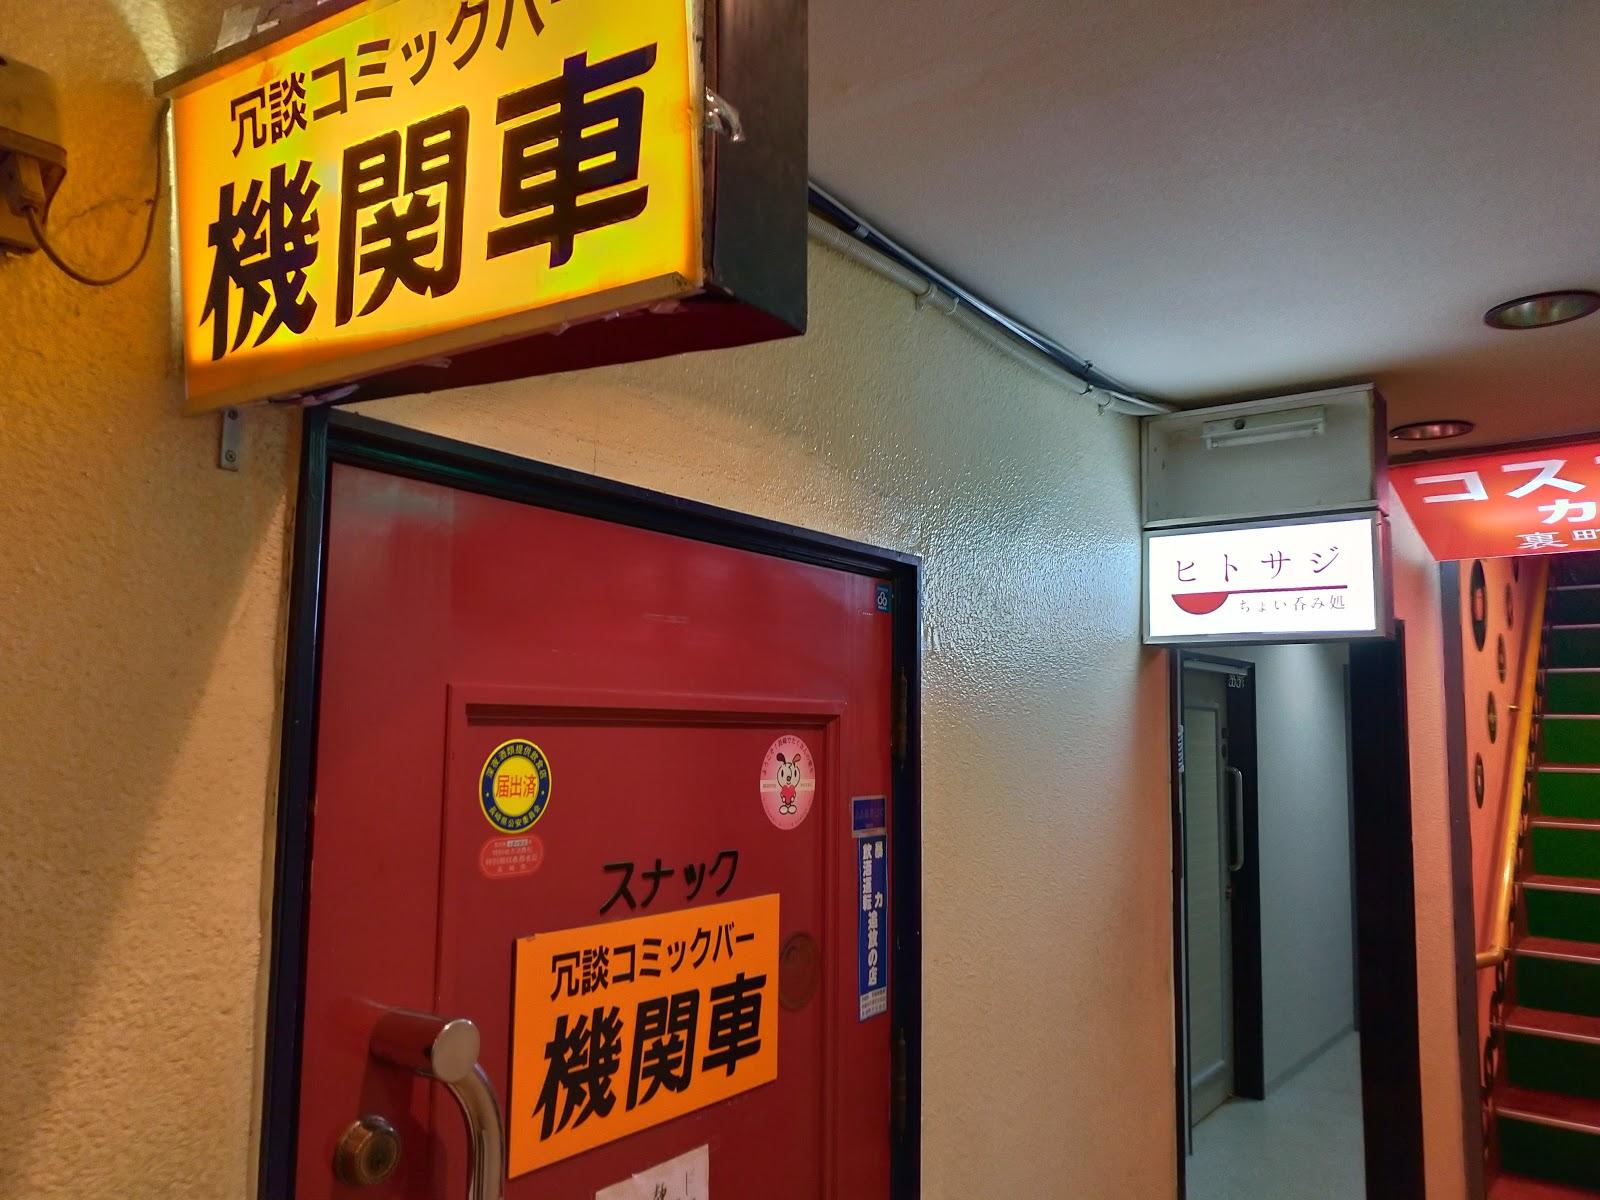 長崎市思案橋横丁冗談コミックバー機関車